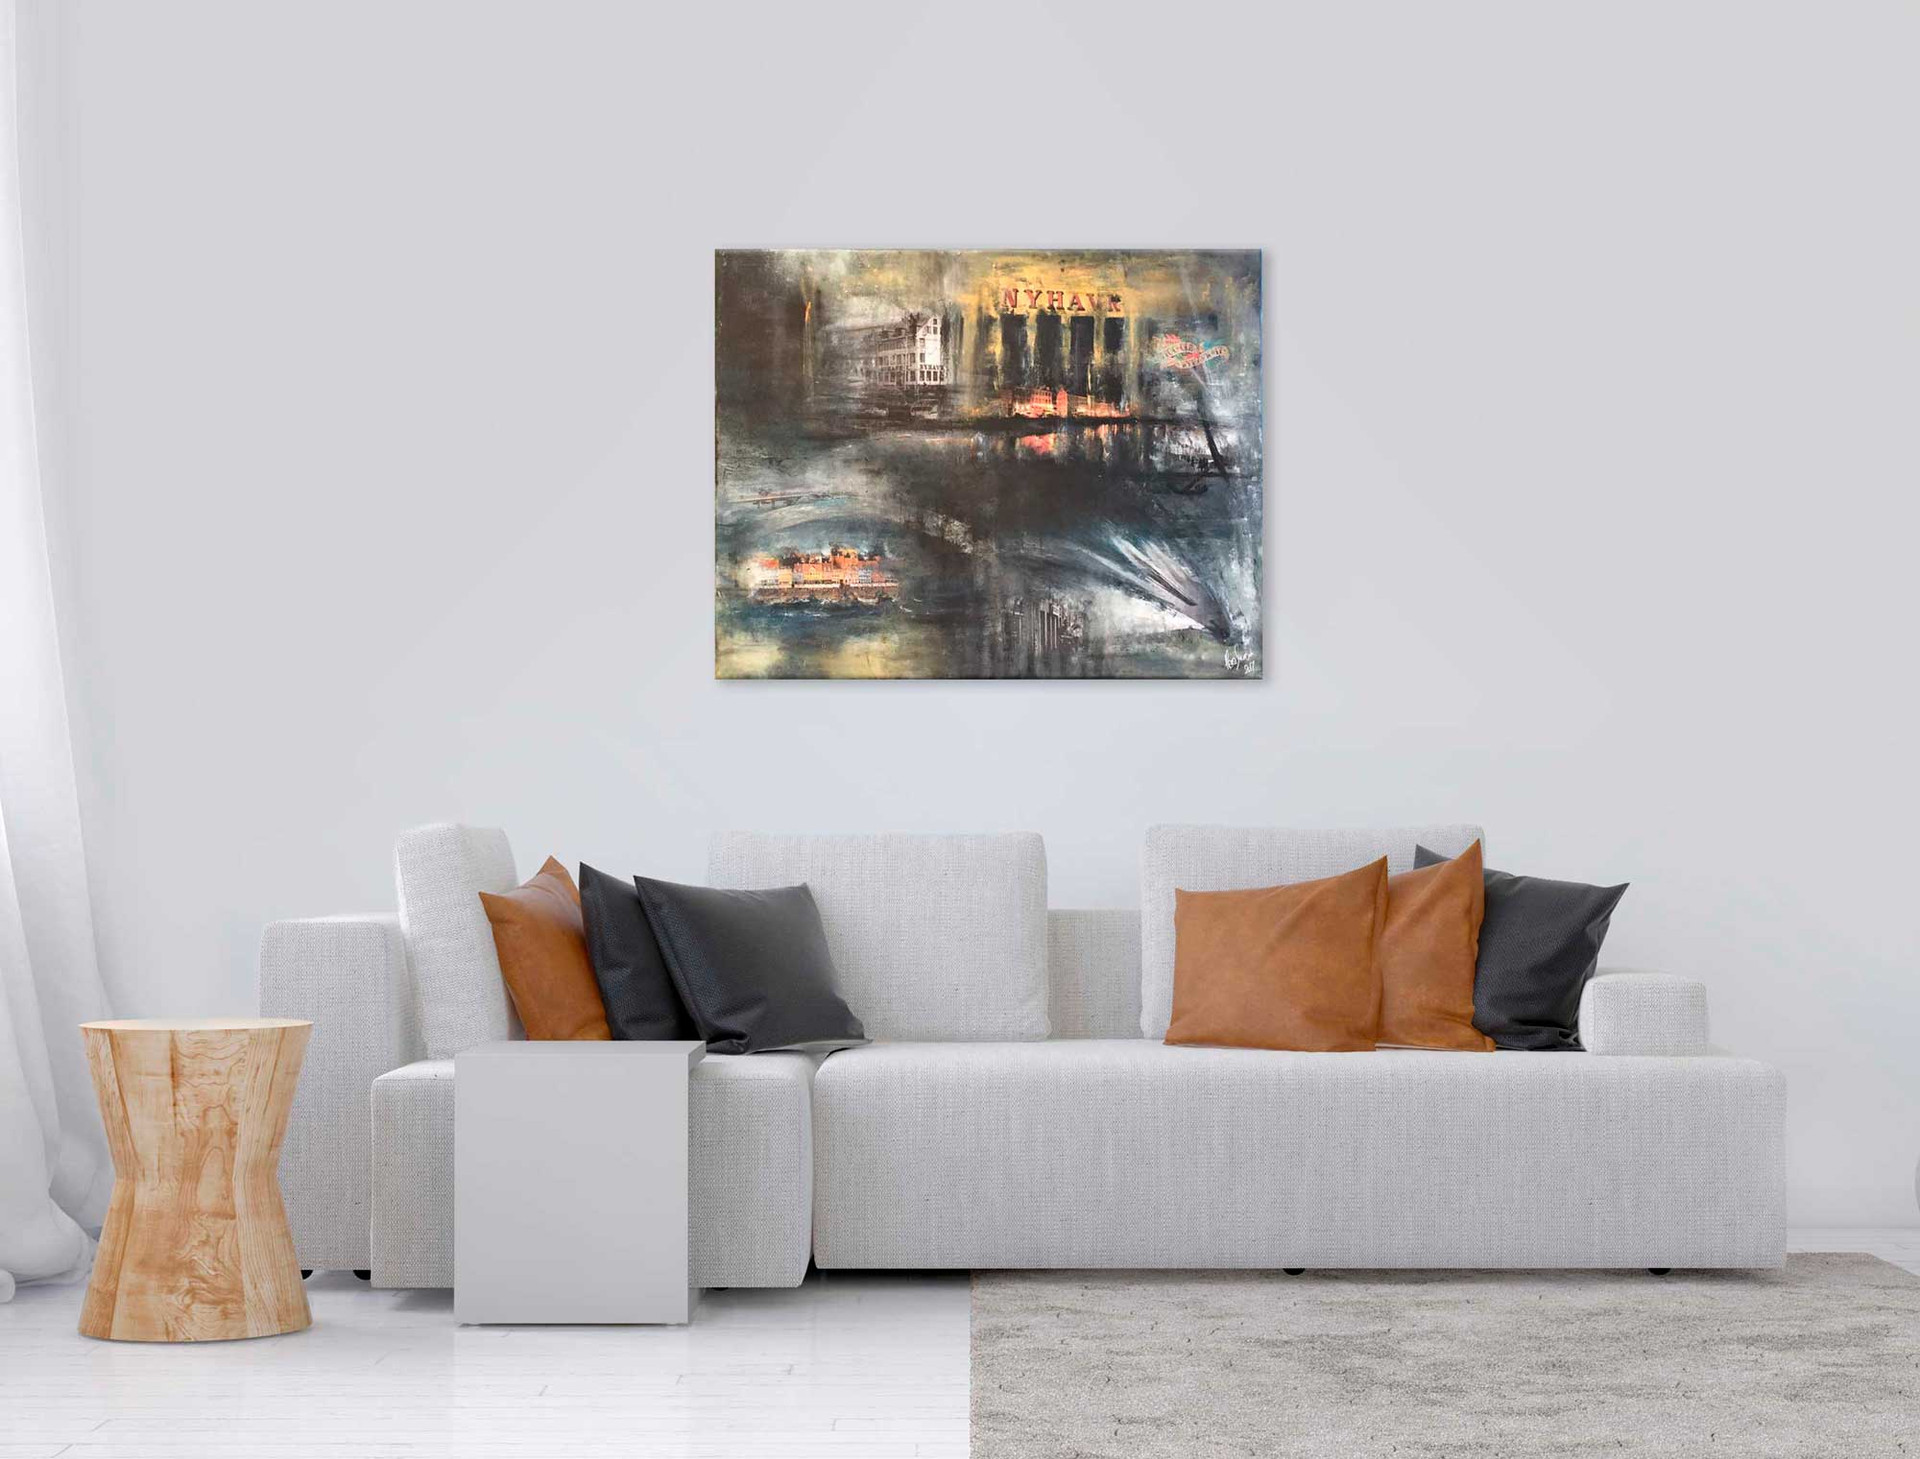 Nyhavn_100x80cm_in_room.jpg